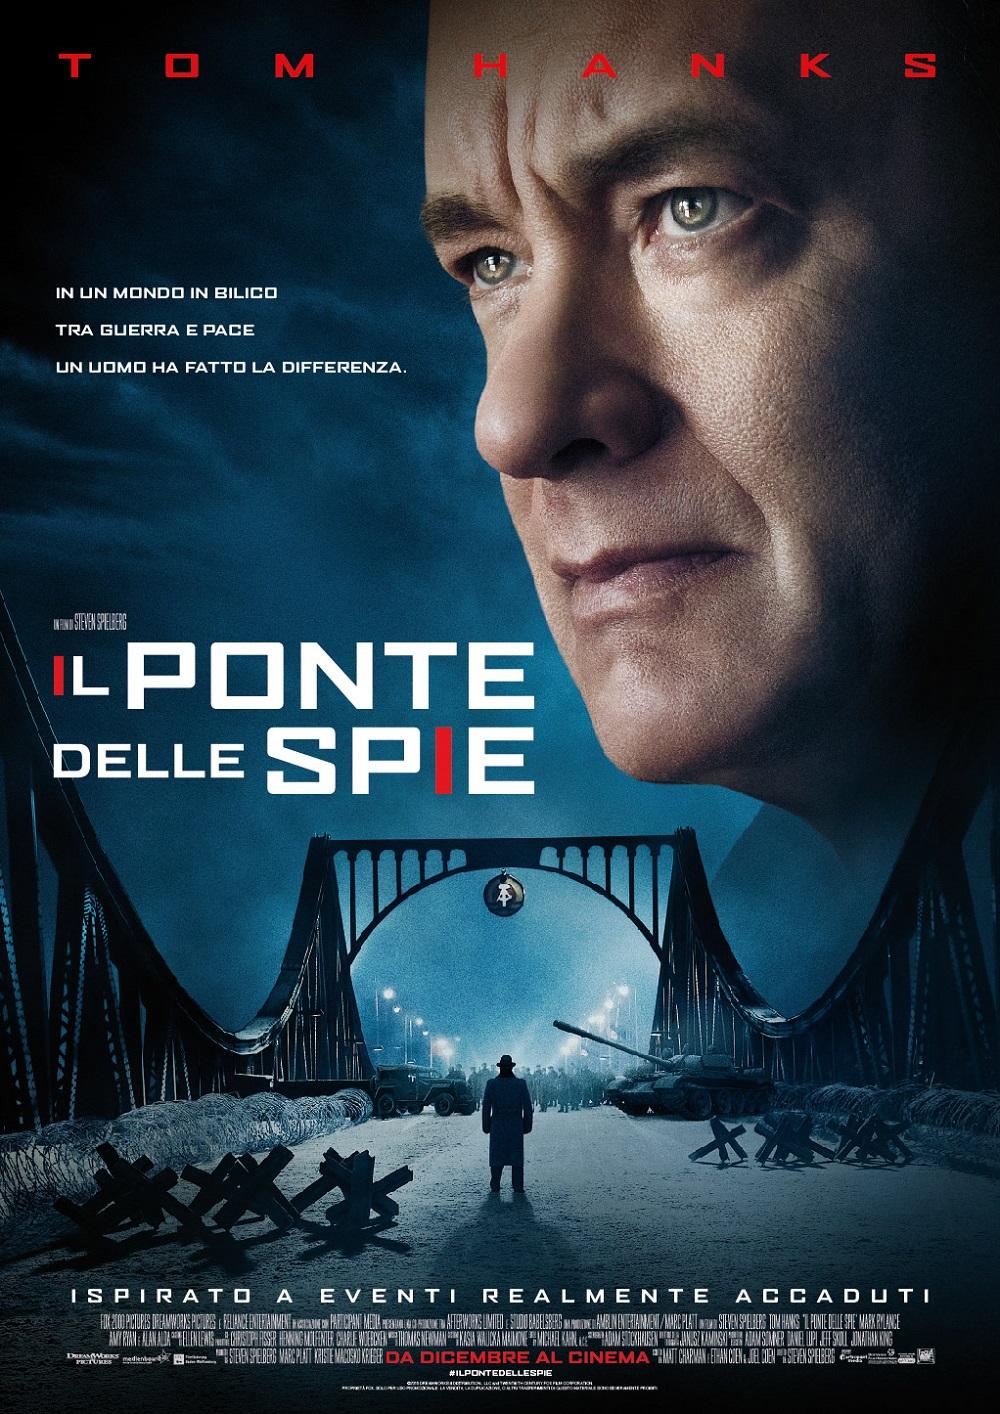 bridge-of-spies-il-ponte-delle-spie-news-gate-steven-spielberg